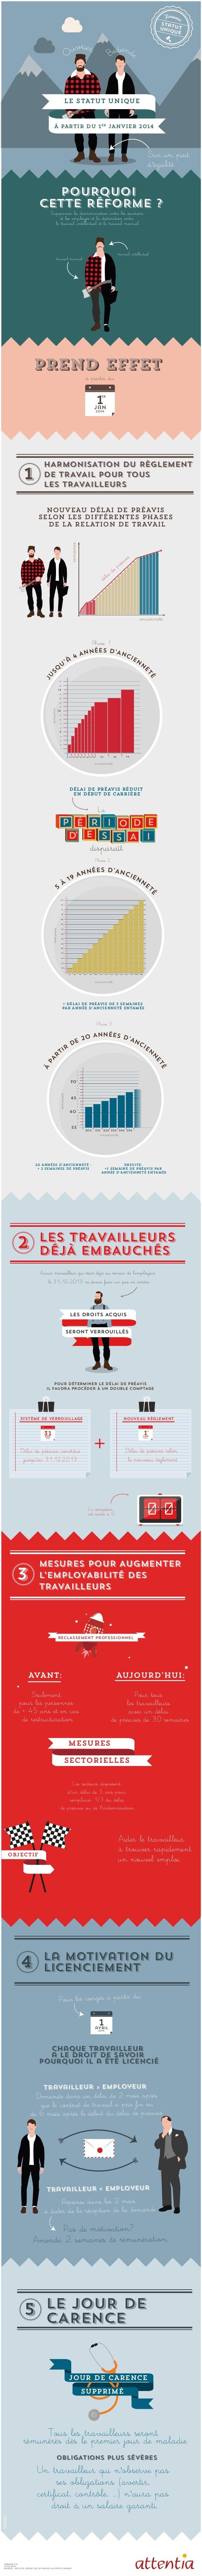 Nouveau    vrier u  ediend B  e  O    Stat uniq ut ue  LE STATUT UNIQUE  LE STATUT UNIQUE  À PARTIR DU 1er JANVIER 2014 ...